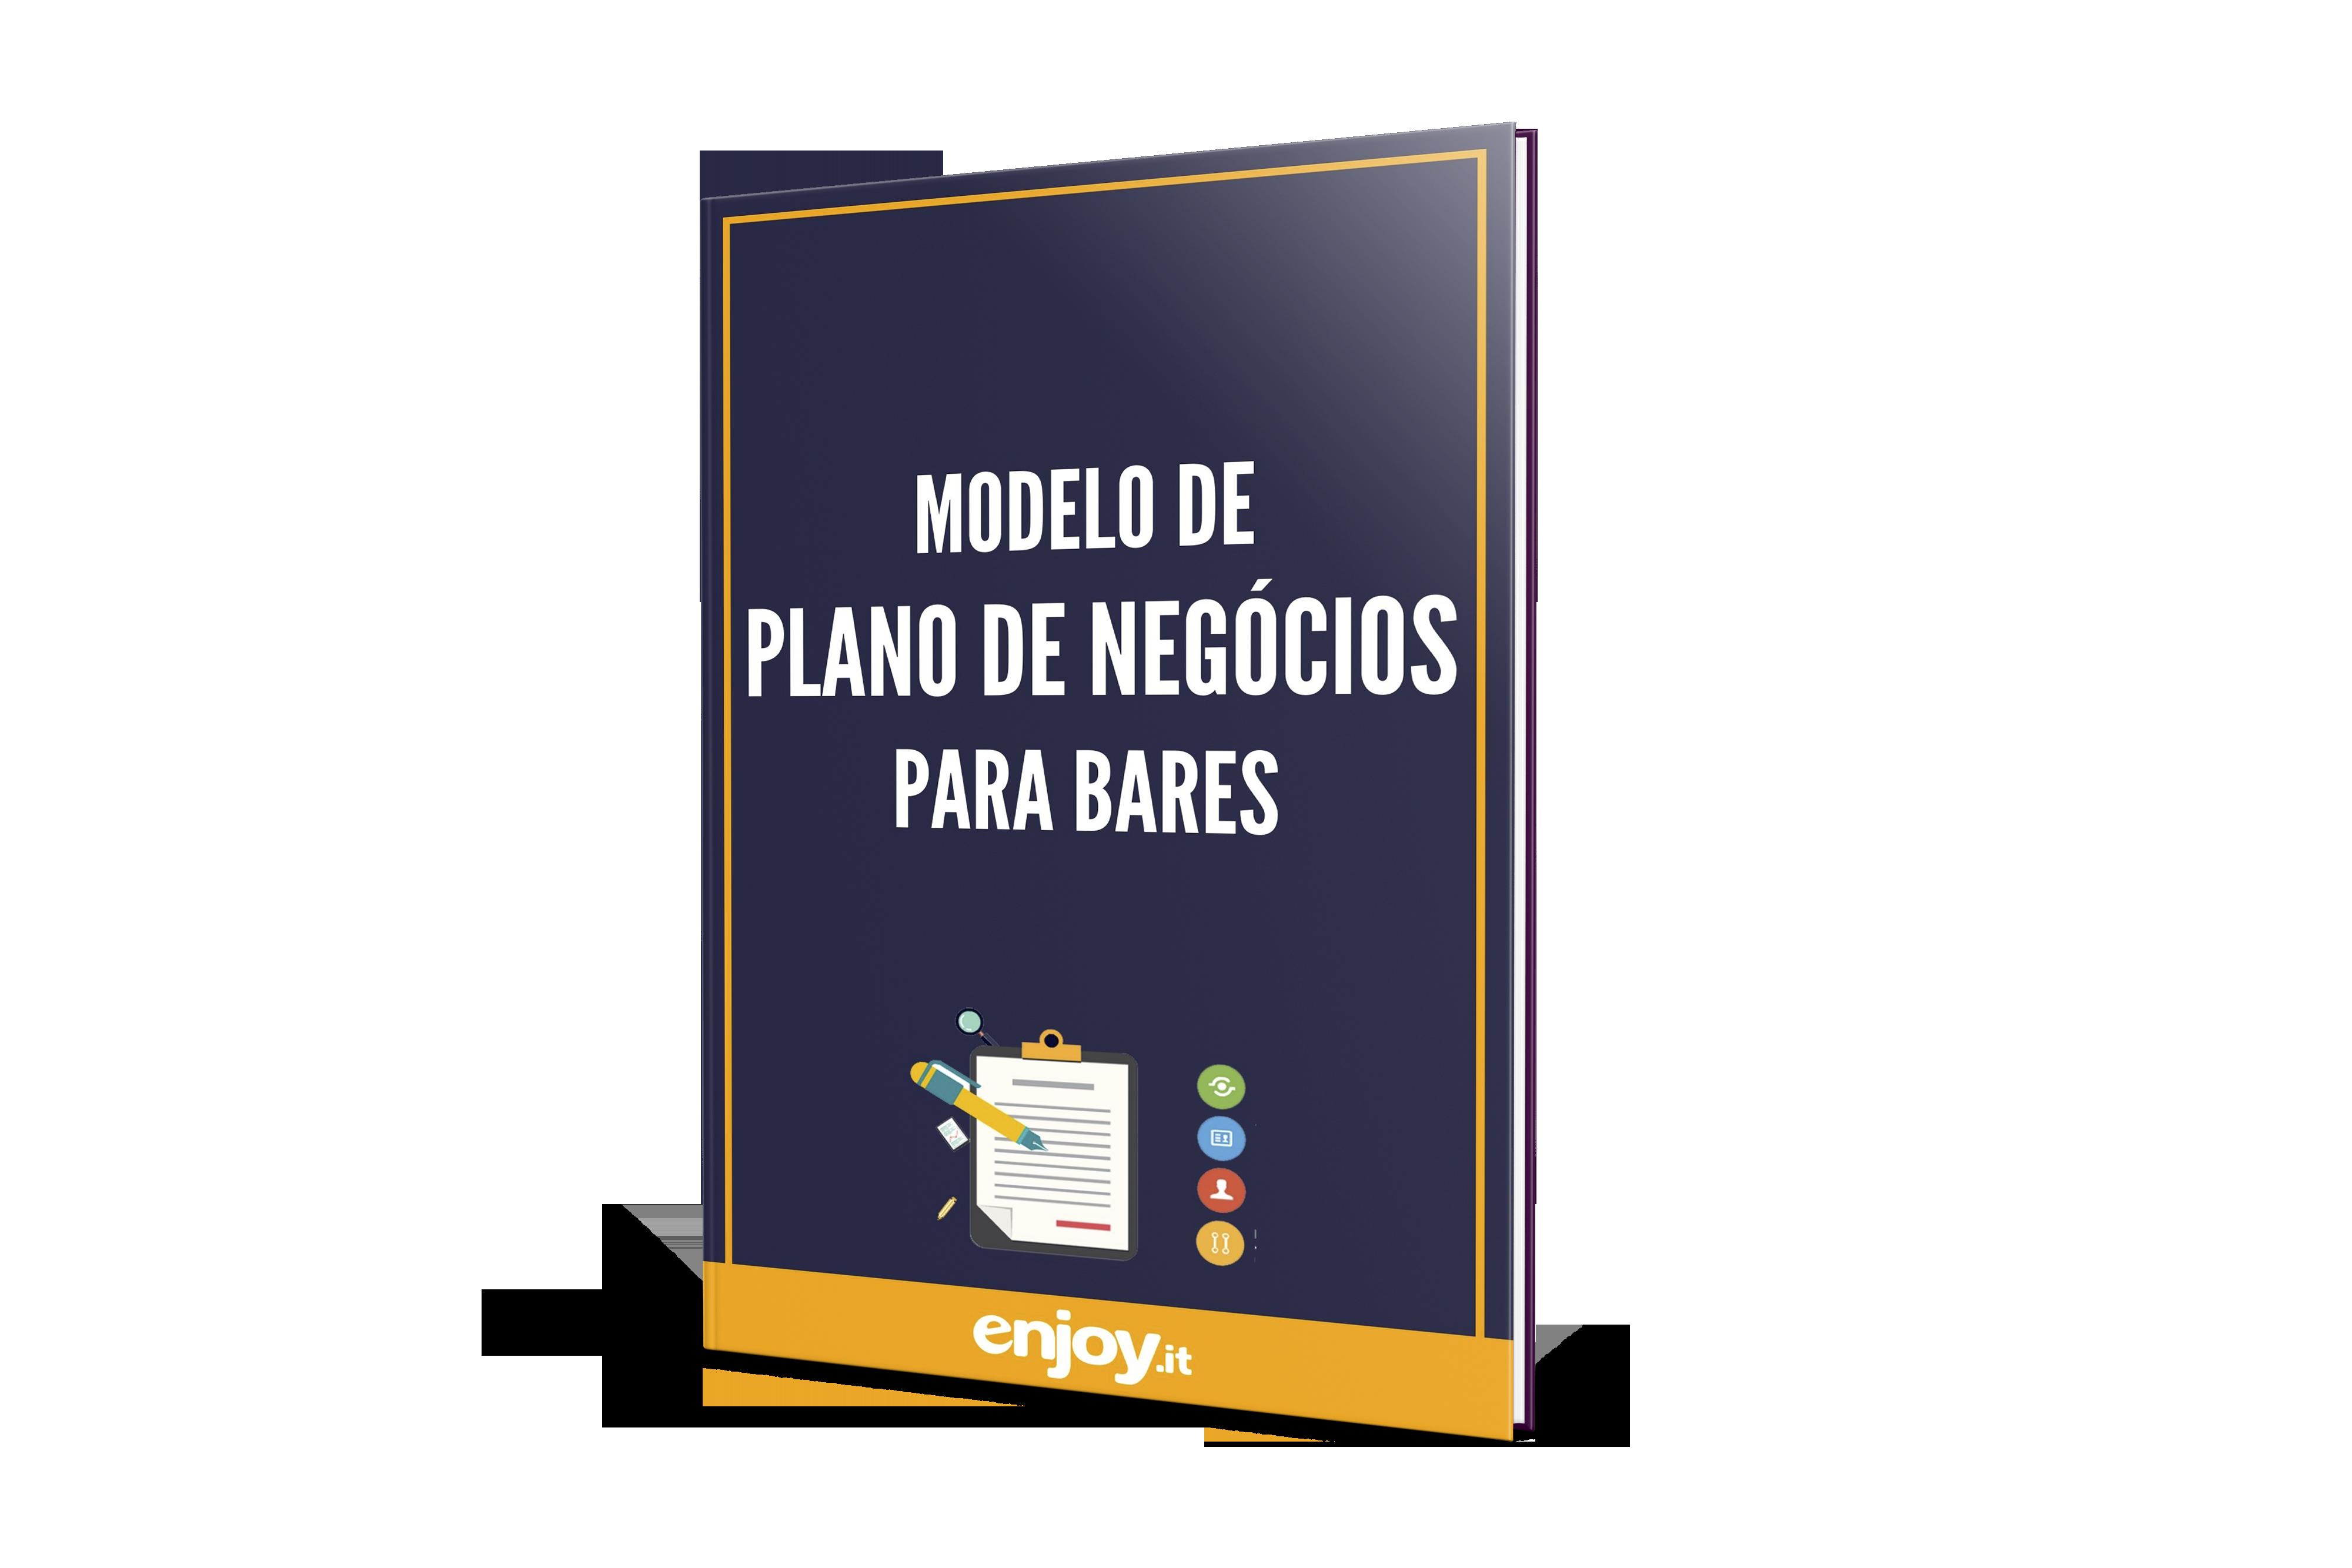 modelo de plano de negócios para bares